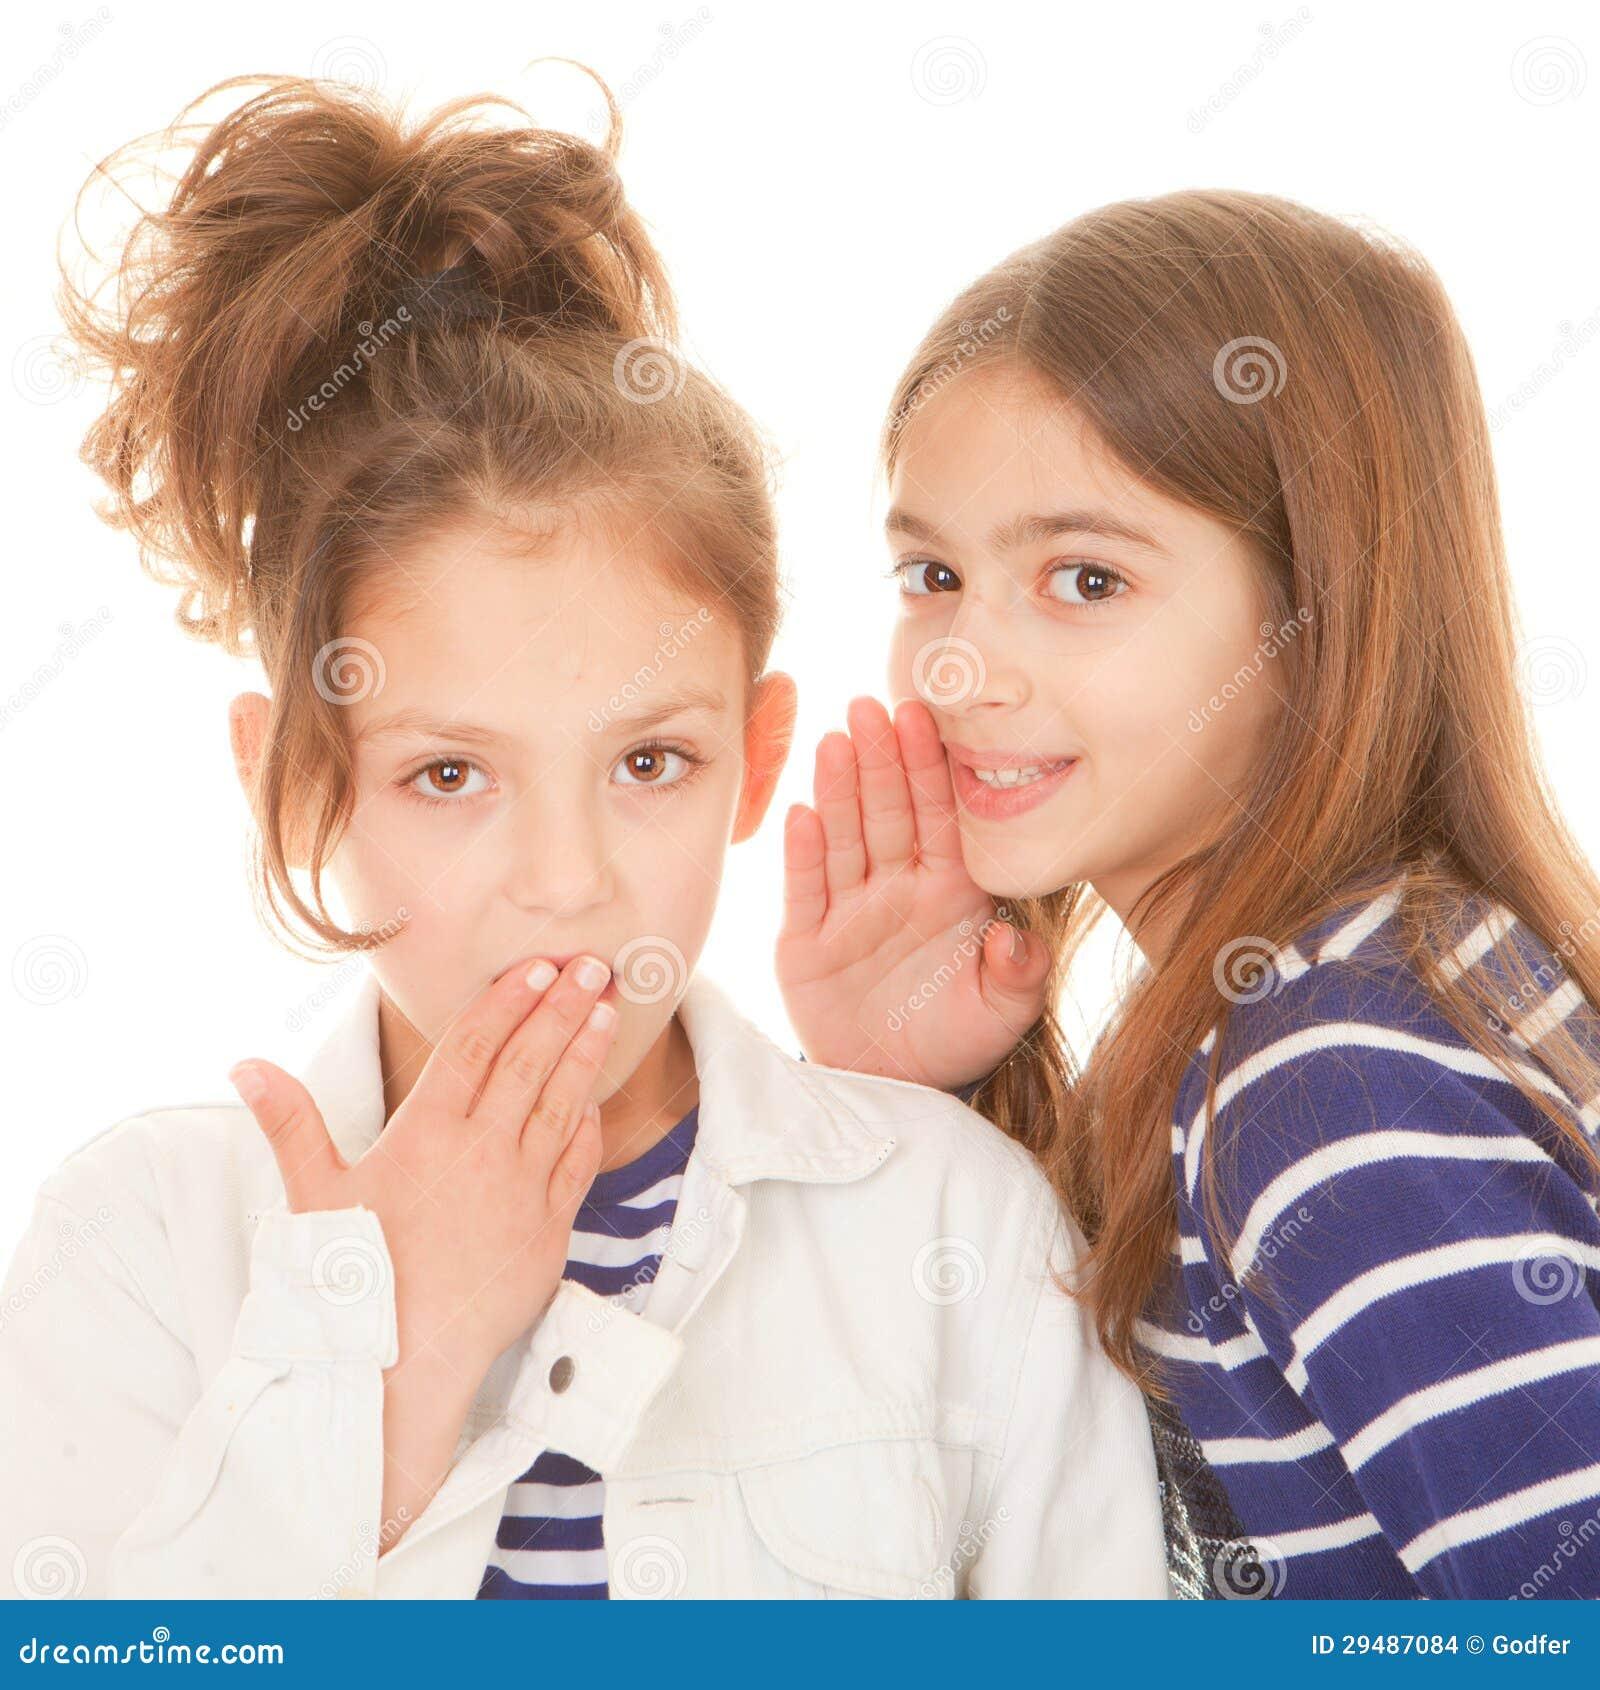 Children Whispering Secrets Stock Images Image 29487084